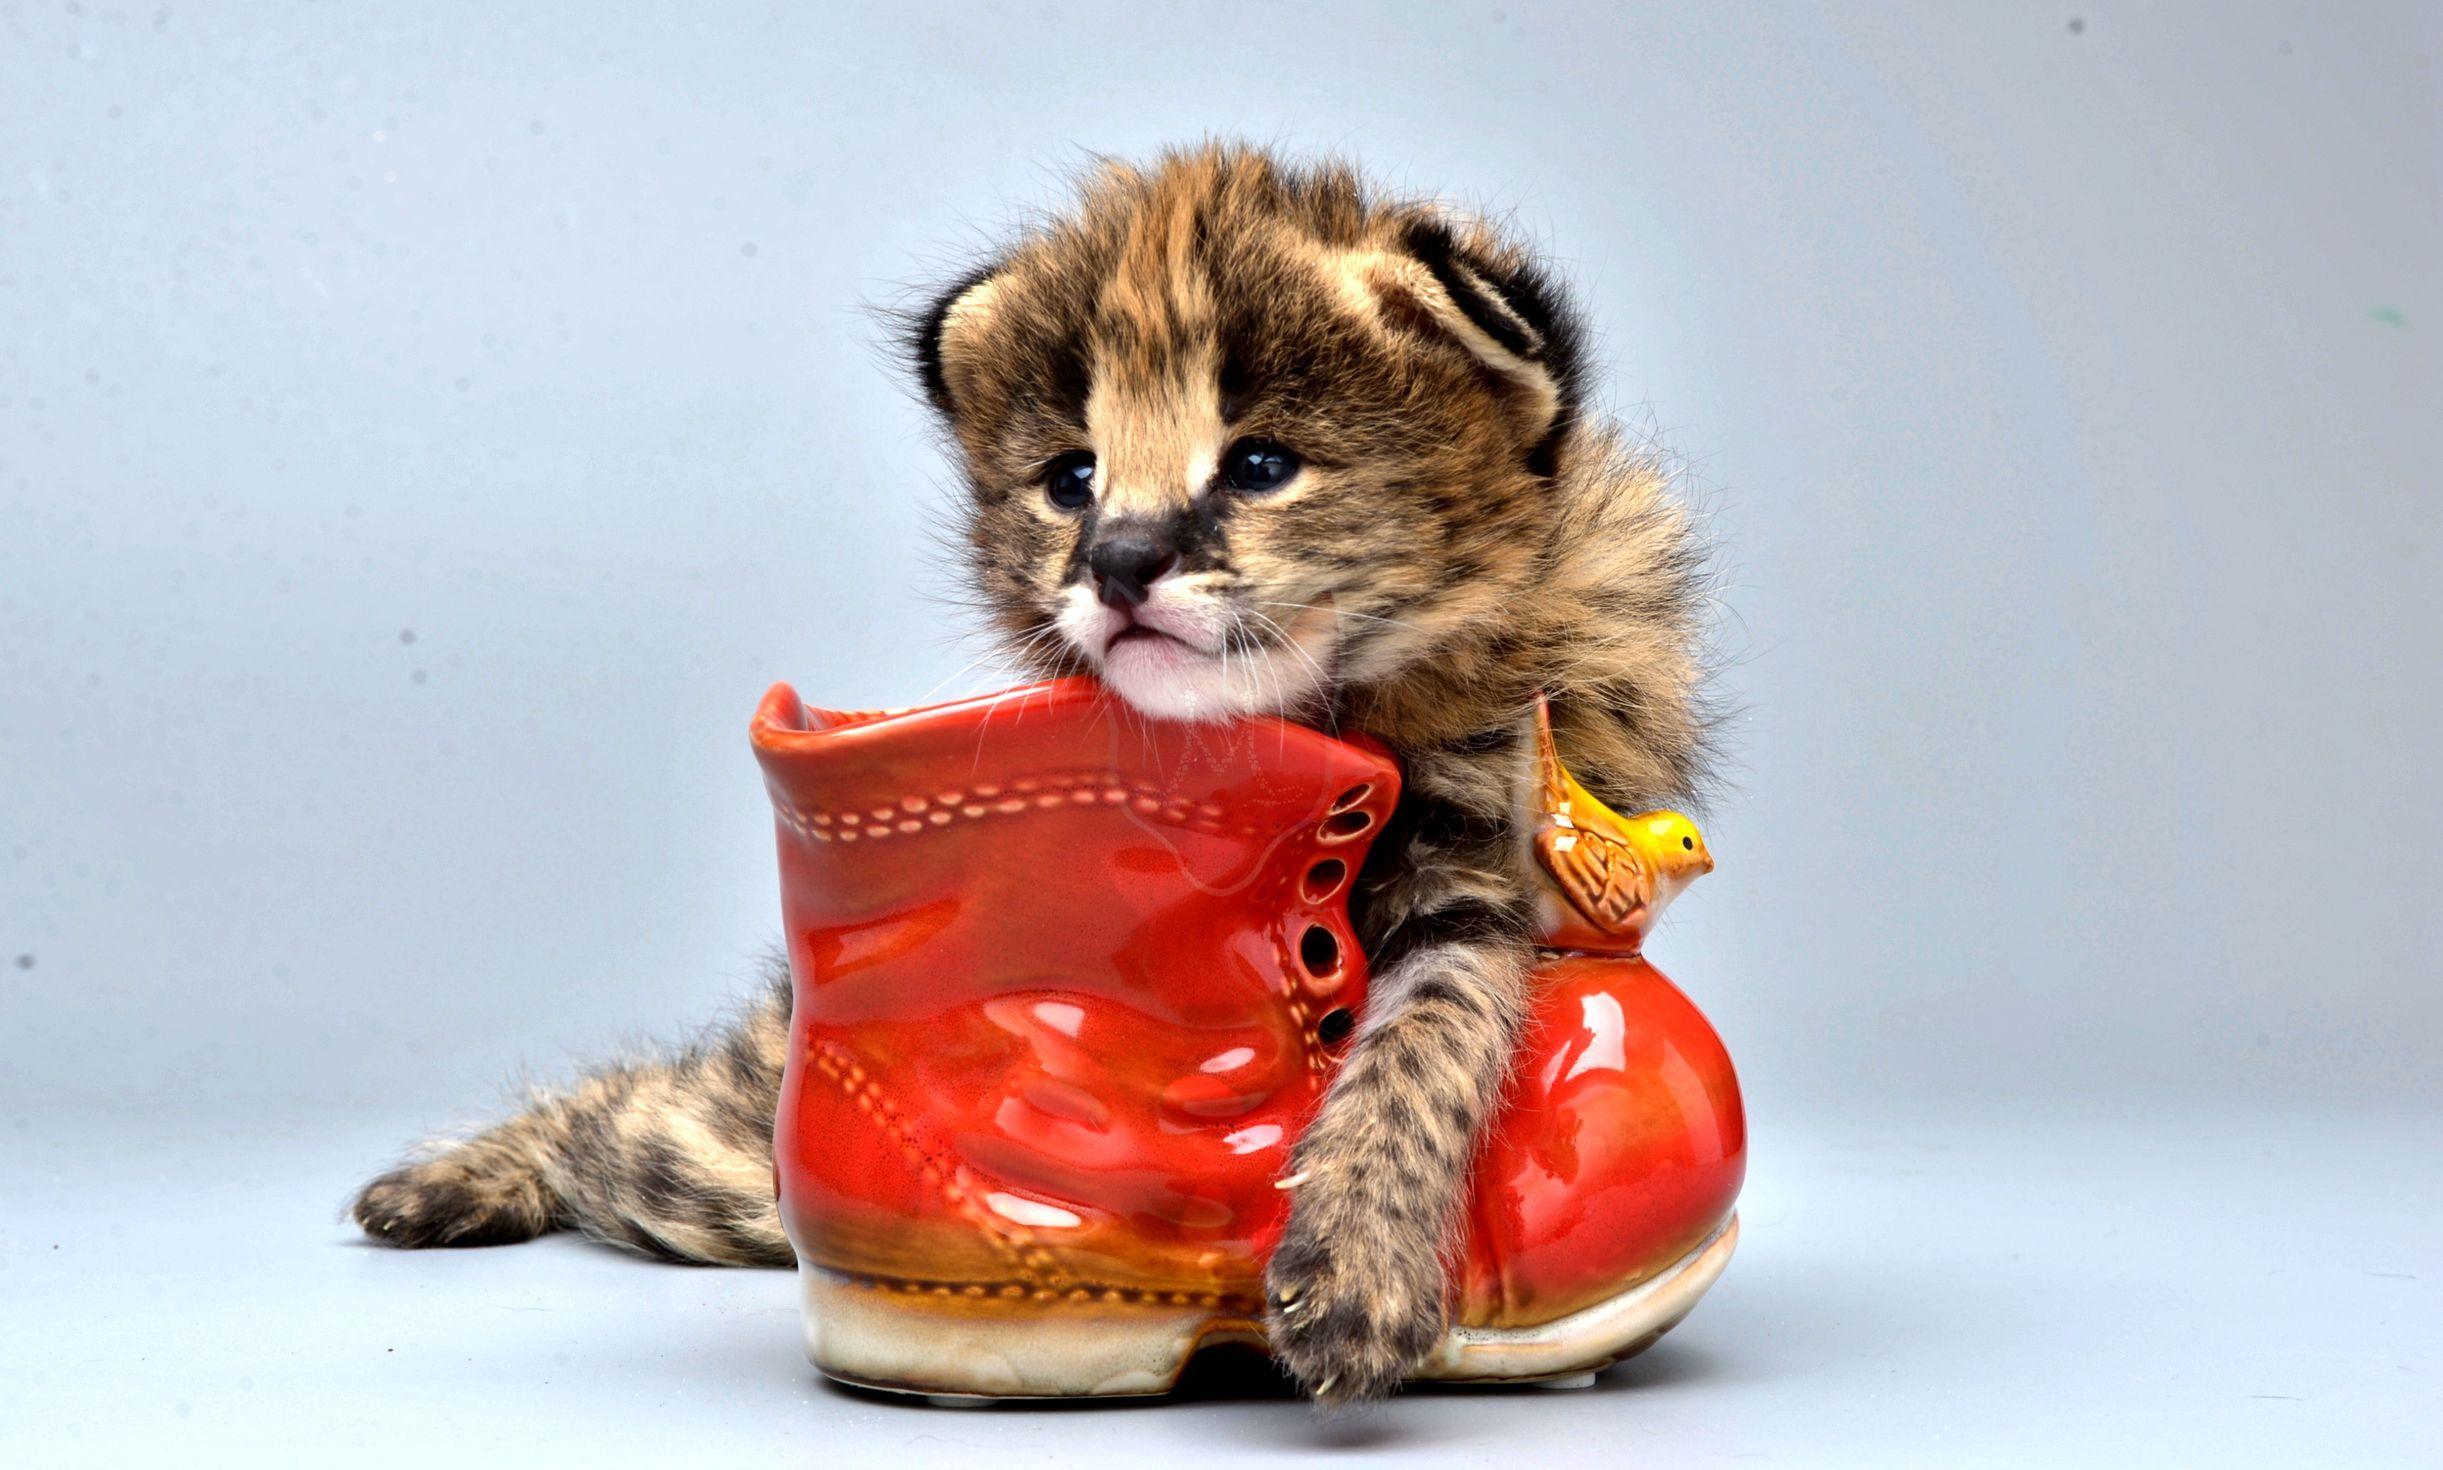 The kitten chewed Murmulet